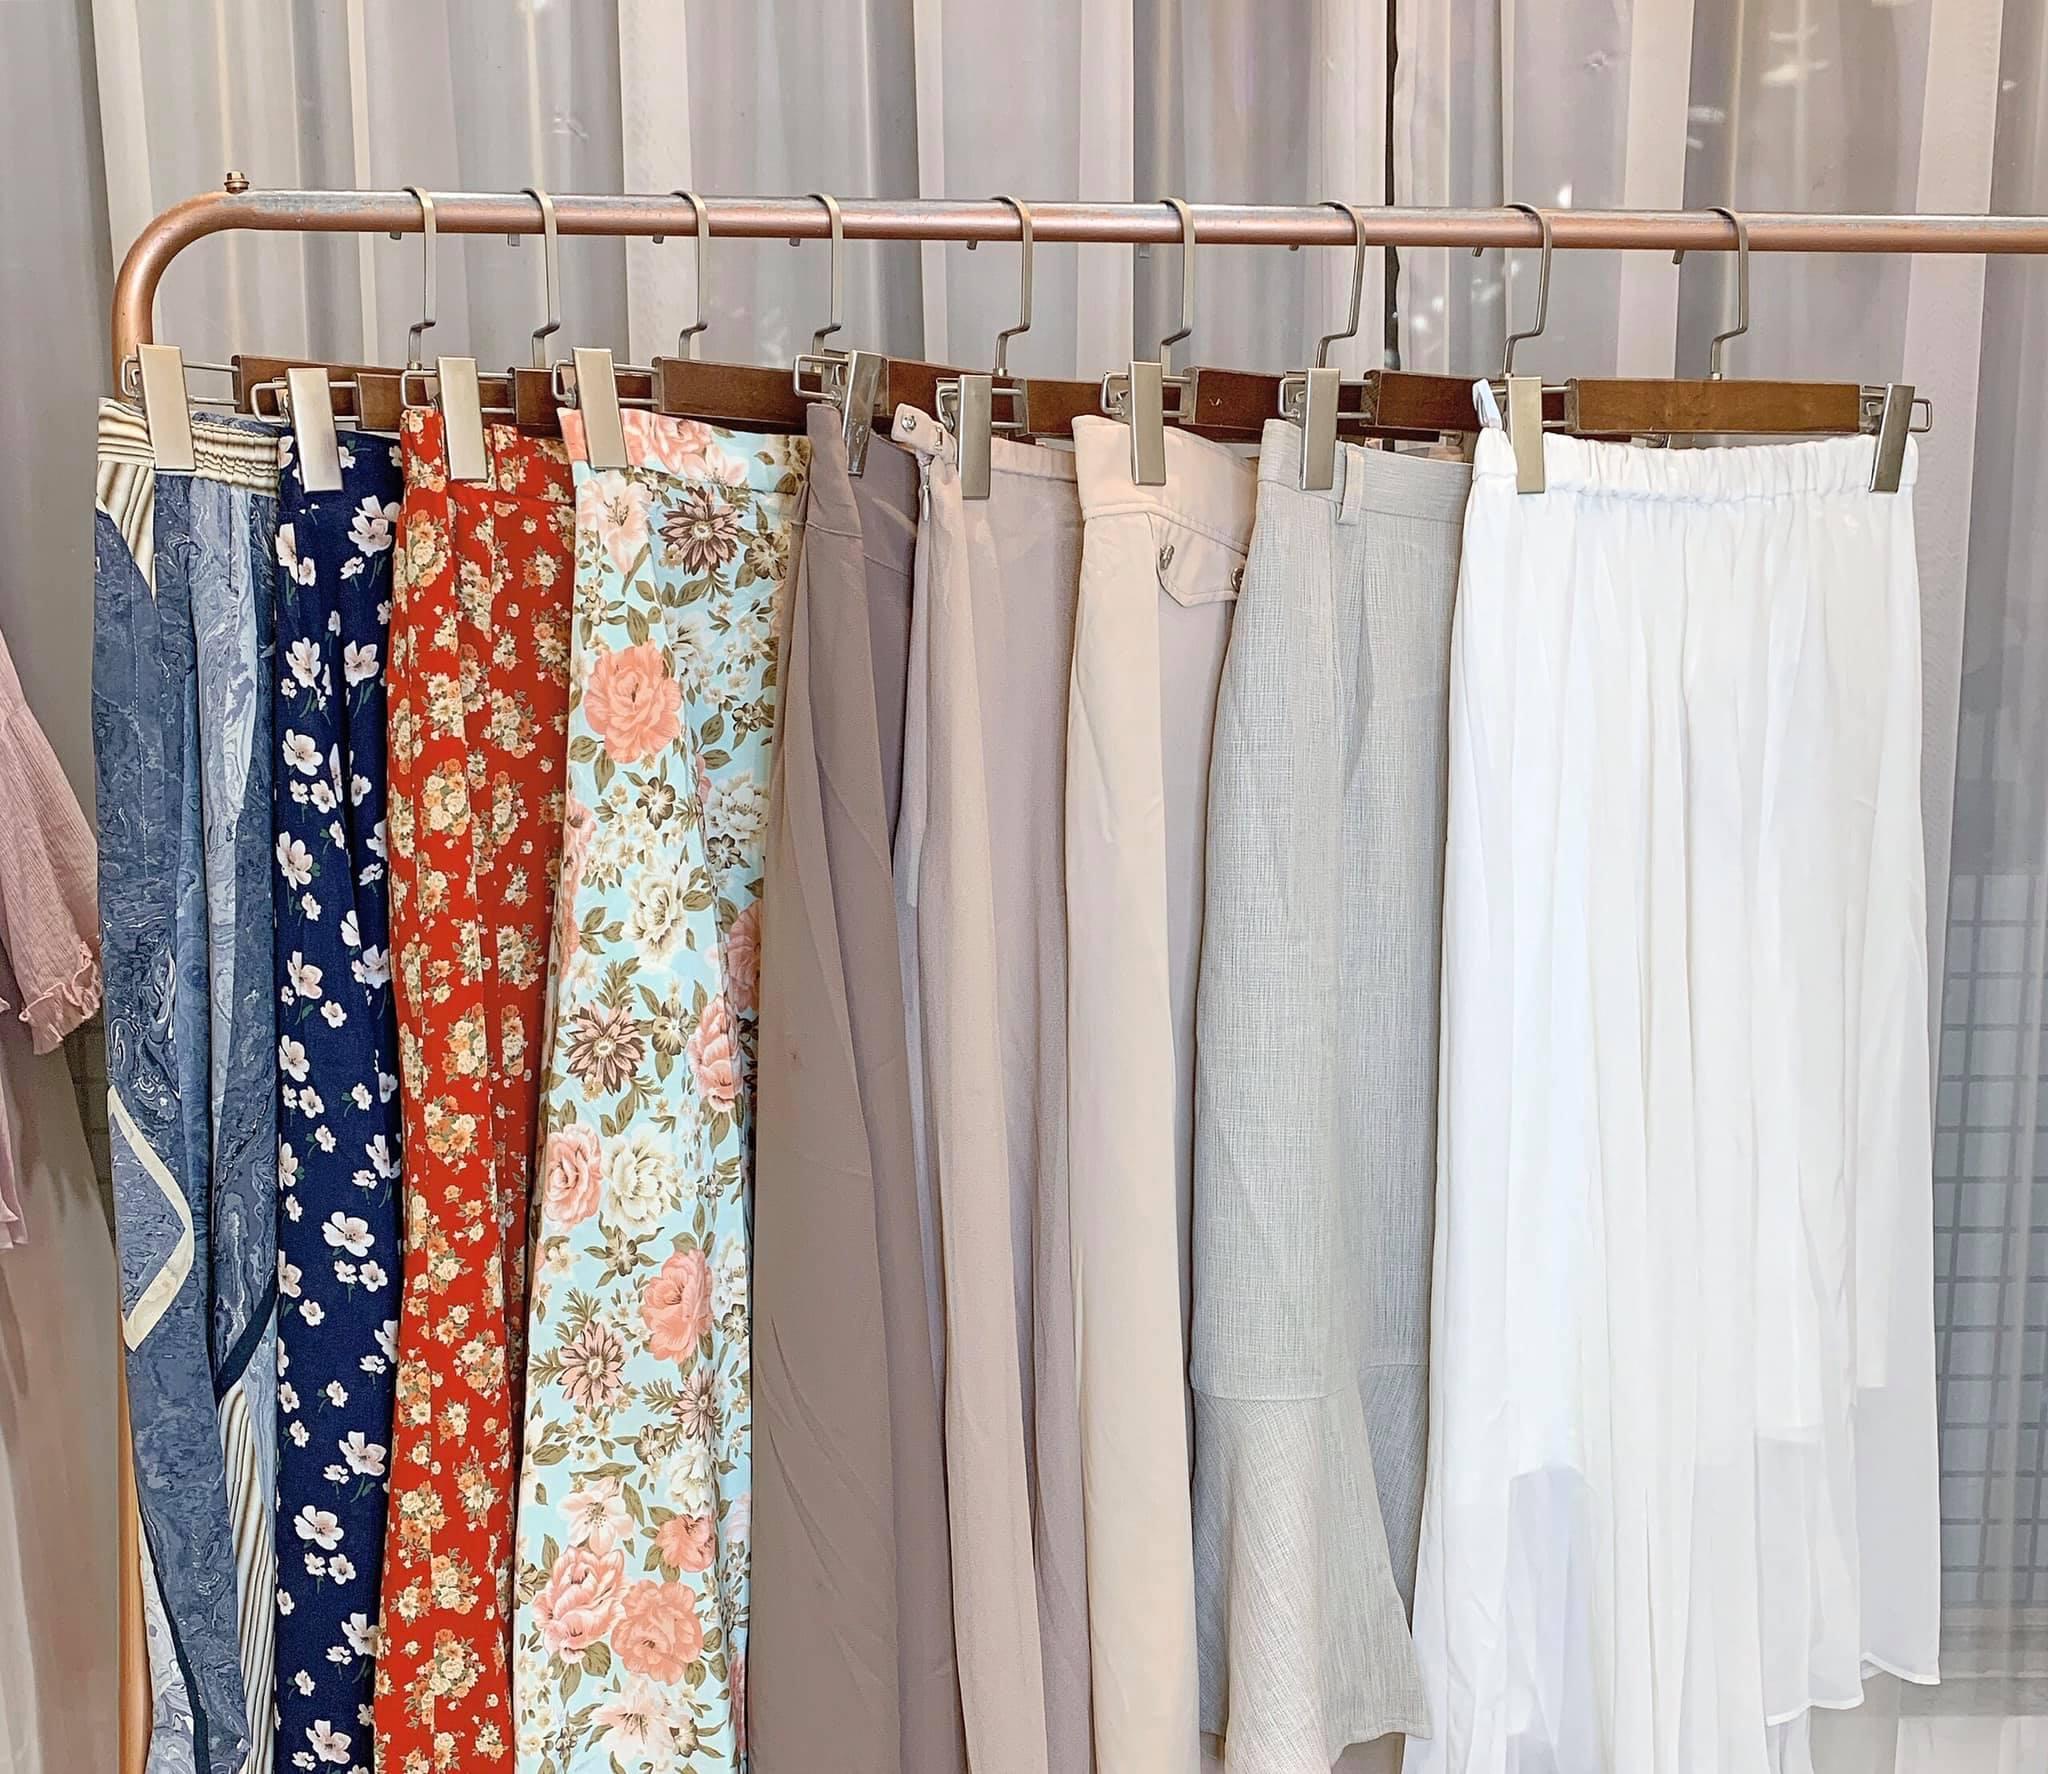 Kinh doanh quần áo hàng thùng cực lợi nhuận chỉ với số vốn 10 triệu đồng